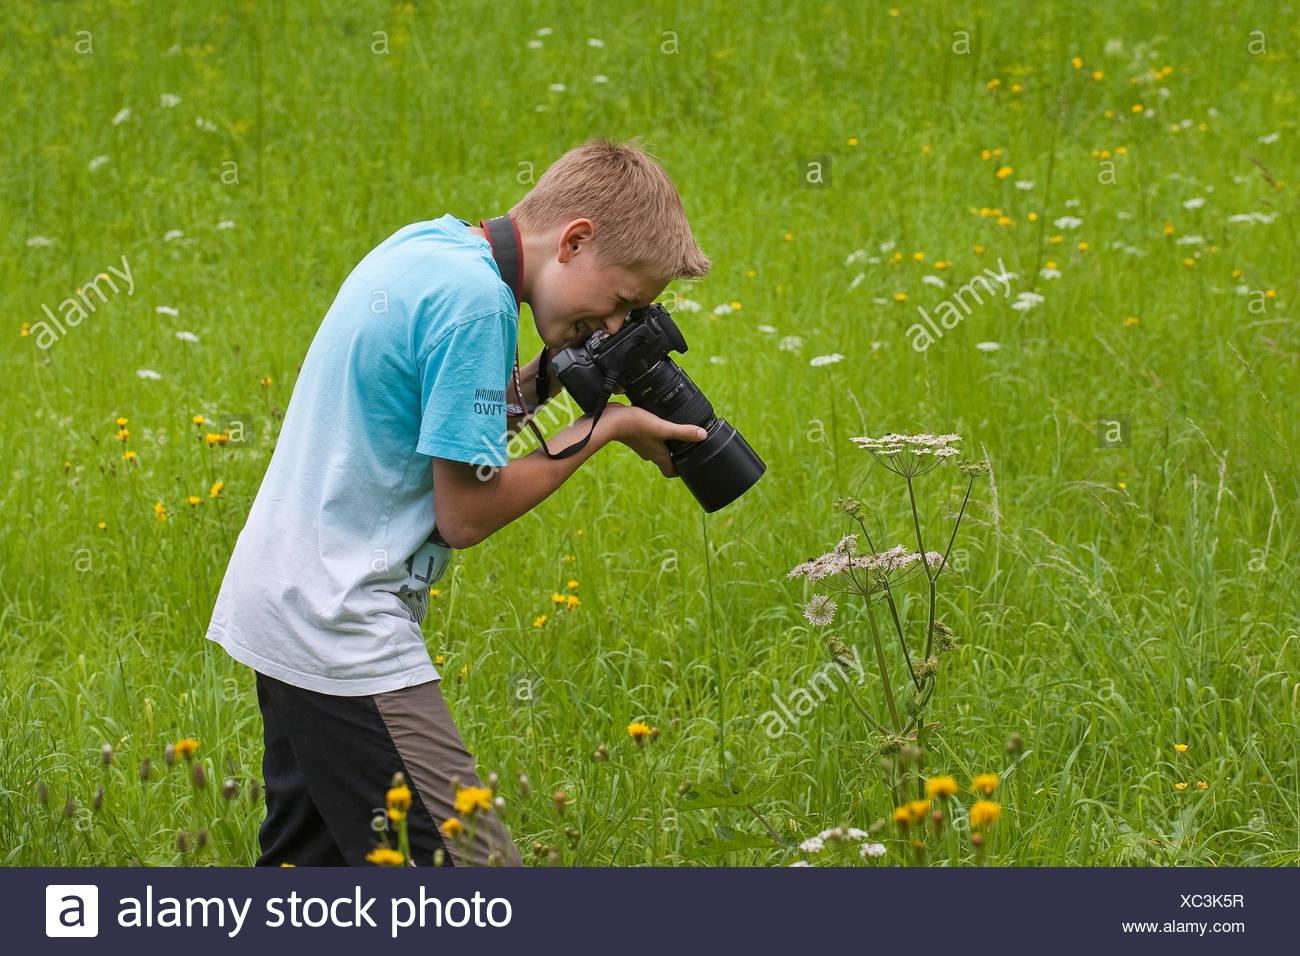 junge Fotos in der Natur, Deutschland Stockbild